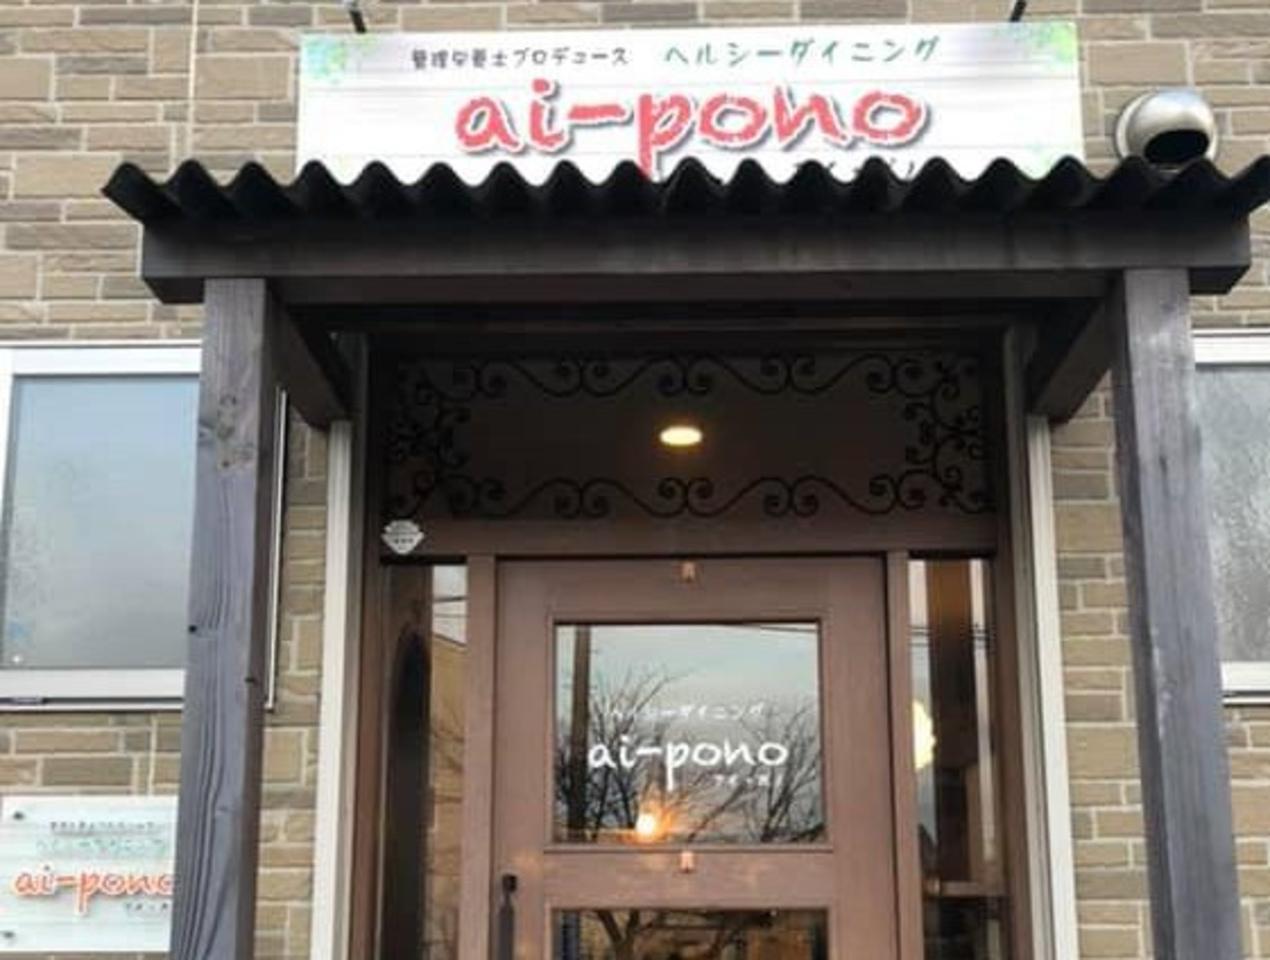 管理栄養士監修のお店...宮城県多賀城市町前3丁目にヘルシーダイニング『アイポノ』オープン